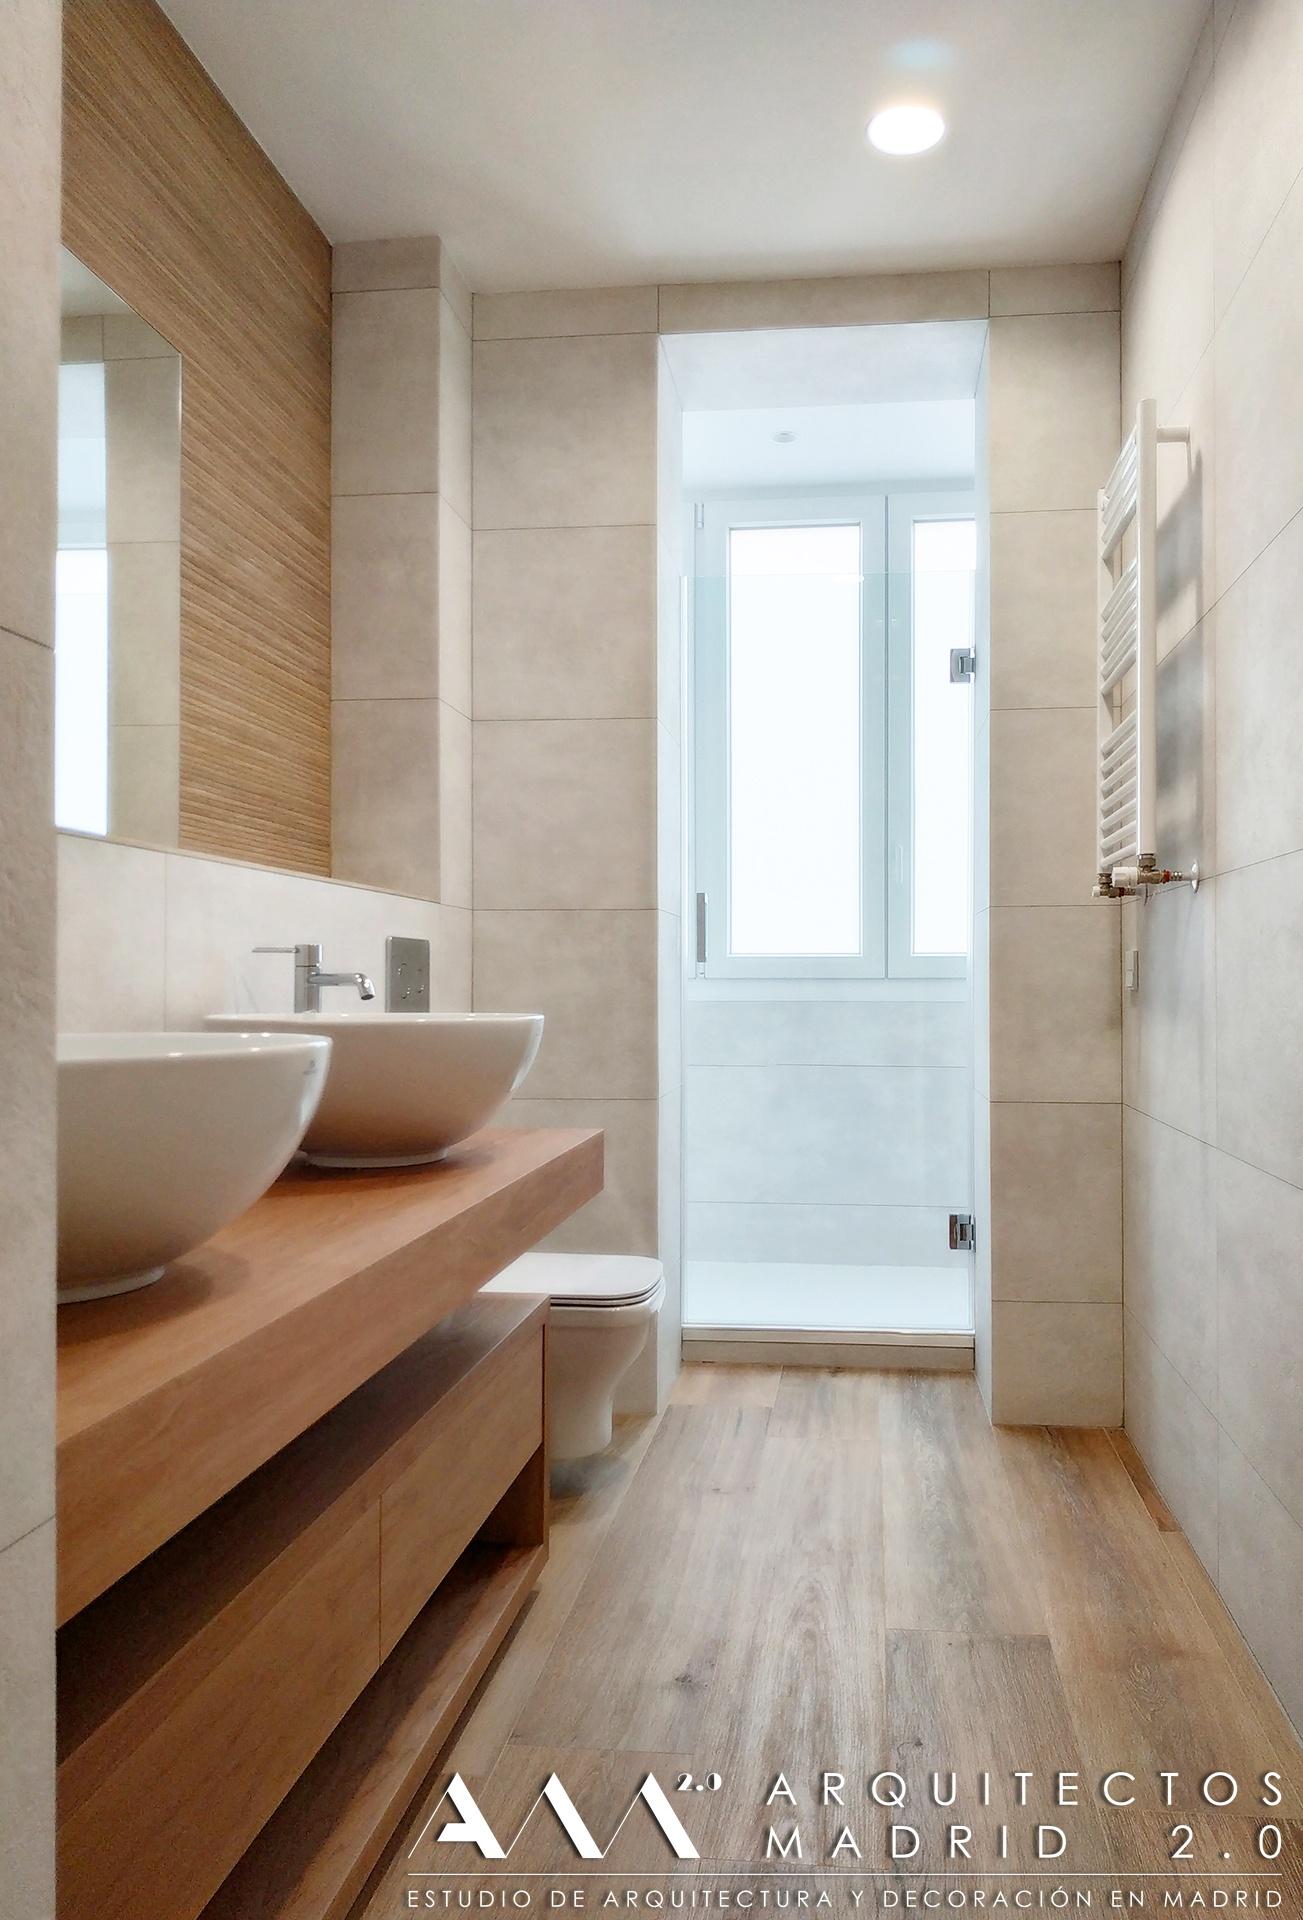 proyecto-reforma-integral-vivienda-arquitectos-madrid-ideas-decoracion-salon-cocina-home-interior-design-31